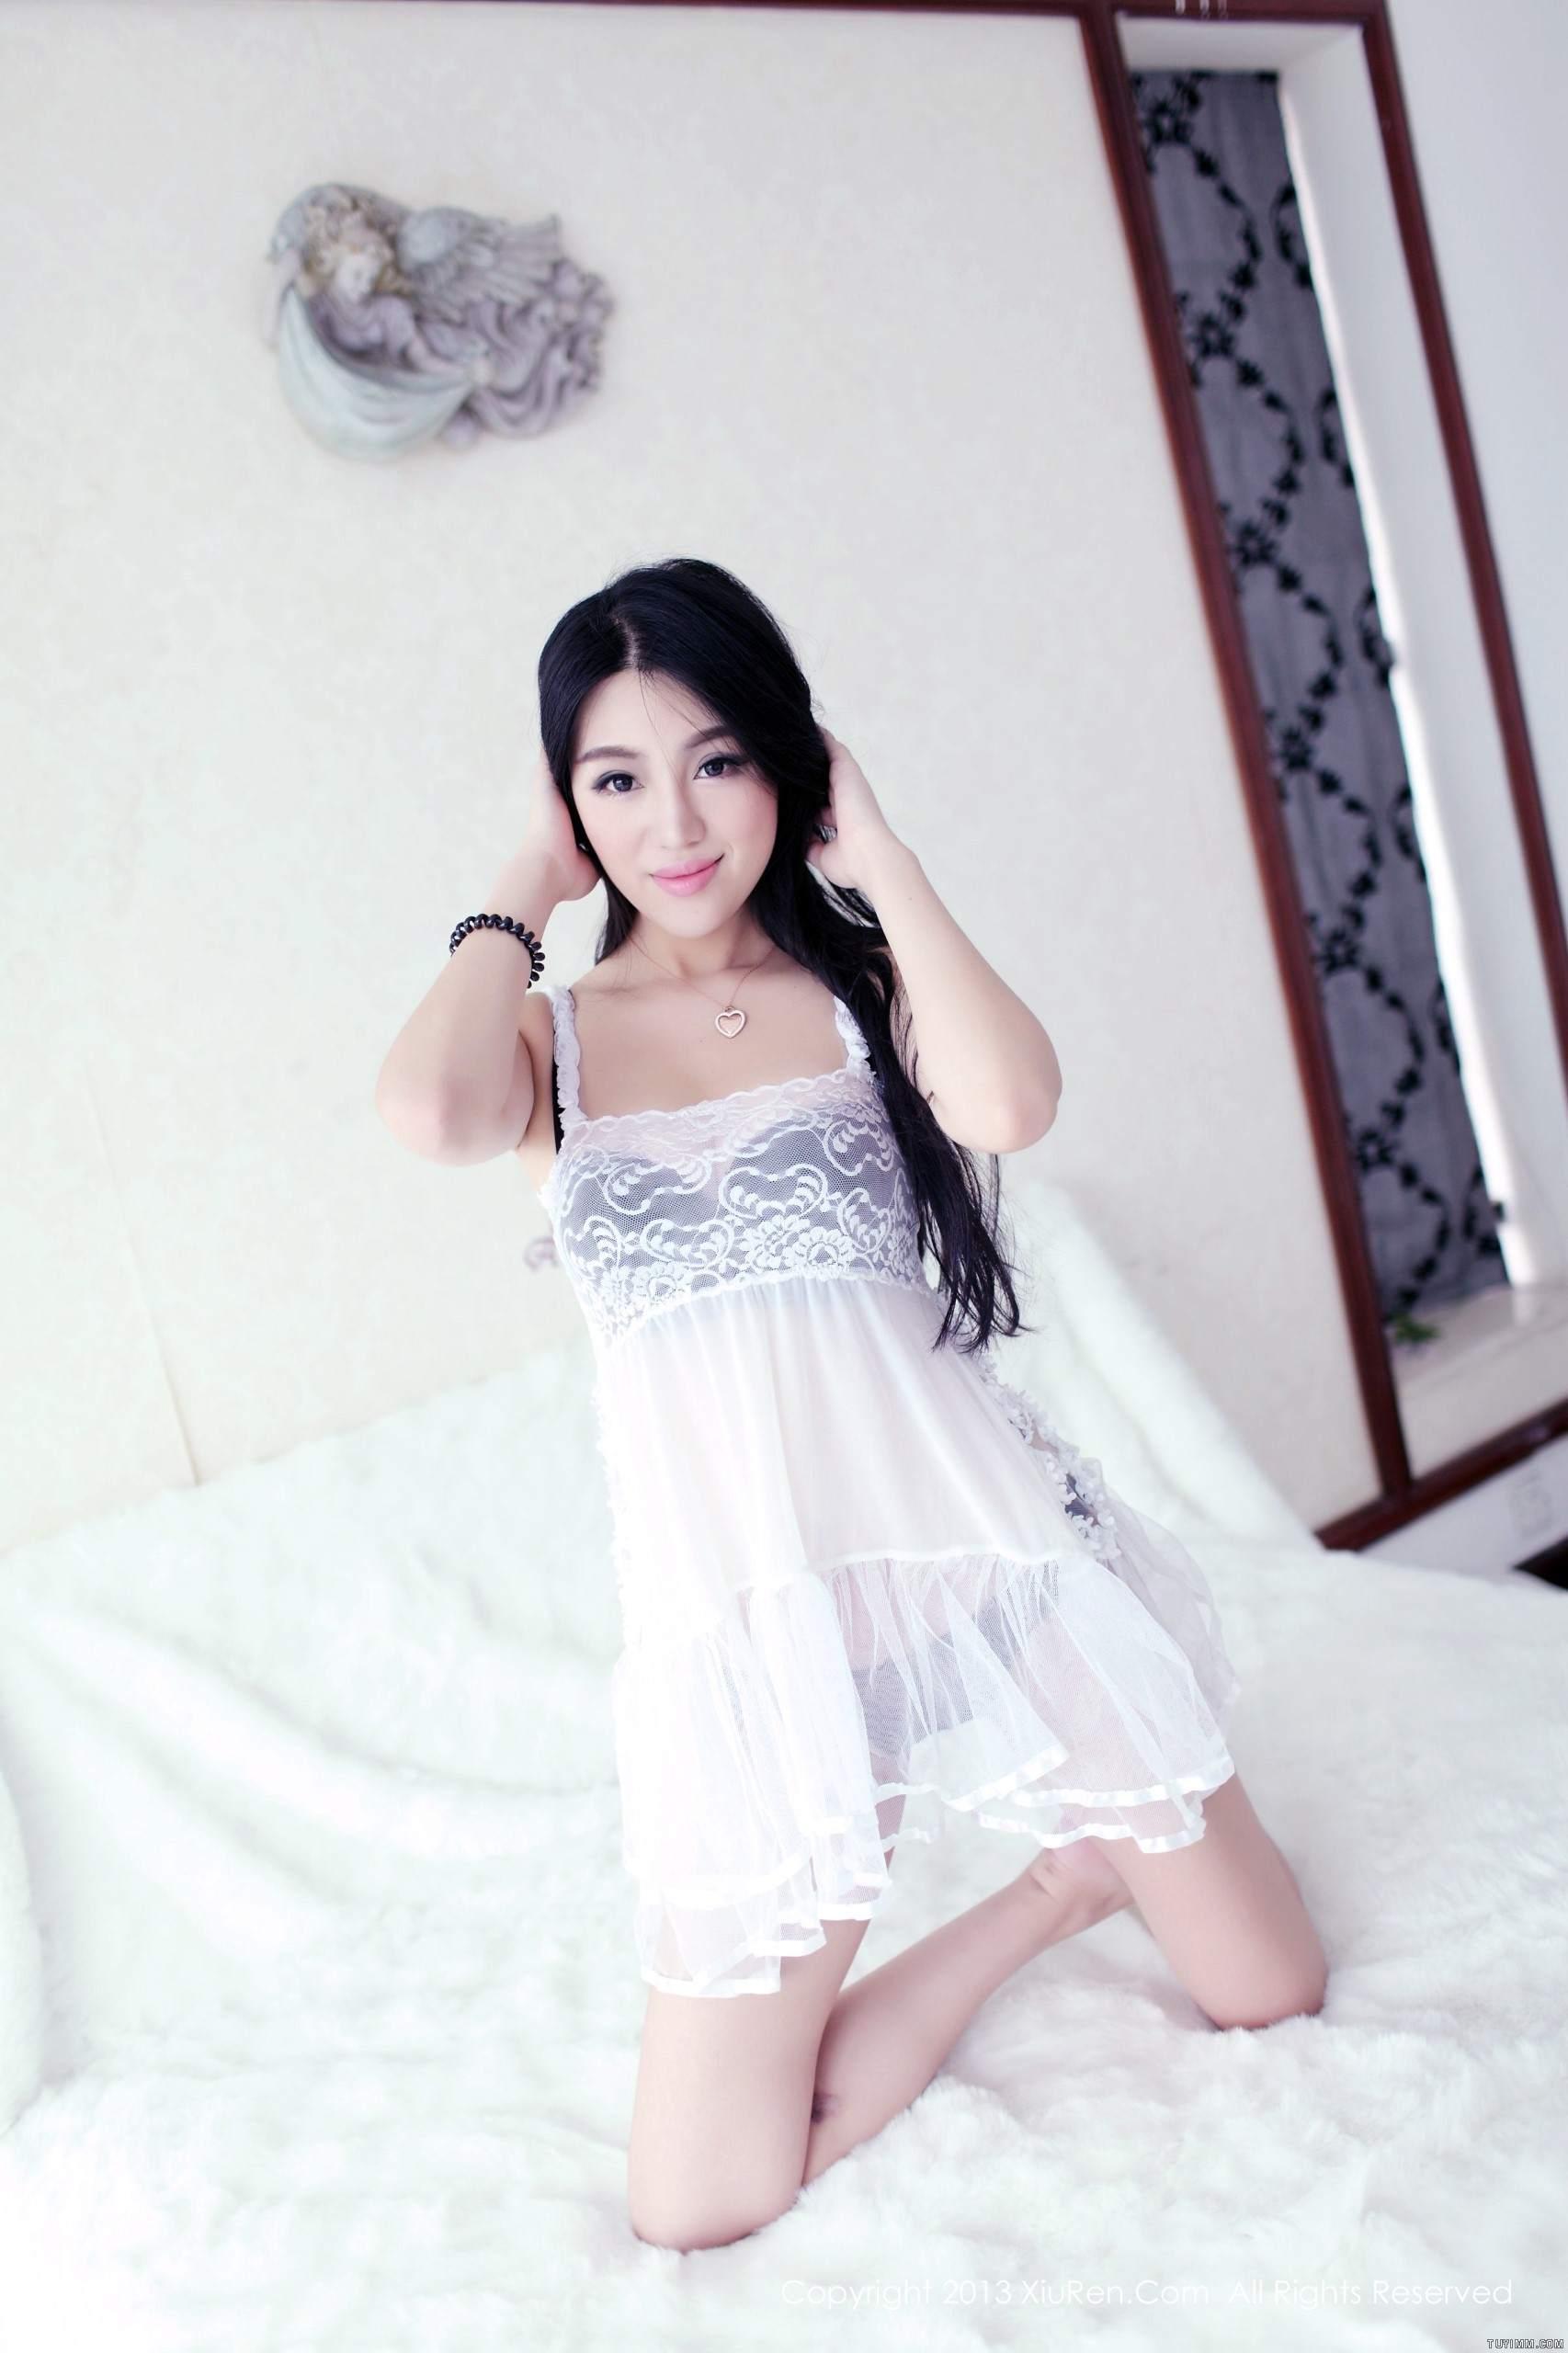 [福利]Tiffany_小梦的玖爱辅助网-第17张图片-哔哔娱乐网